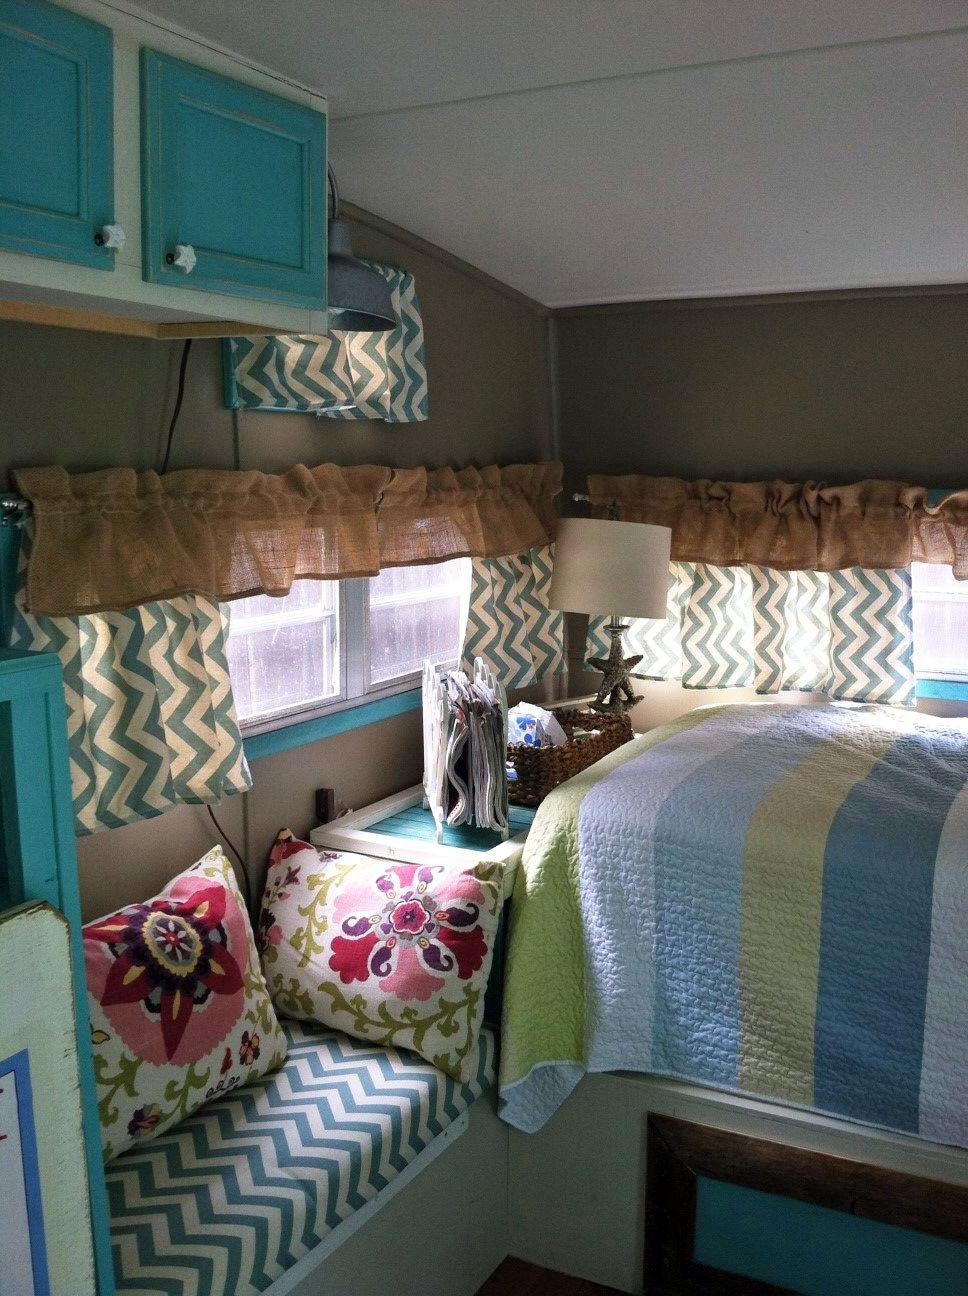 Camper Remodel Ideas 81 9681296 Glamper Camper